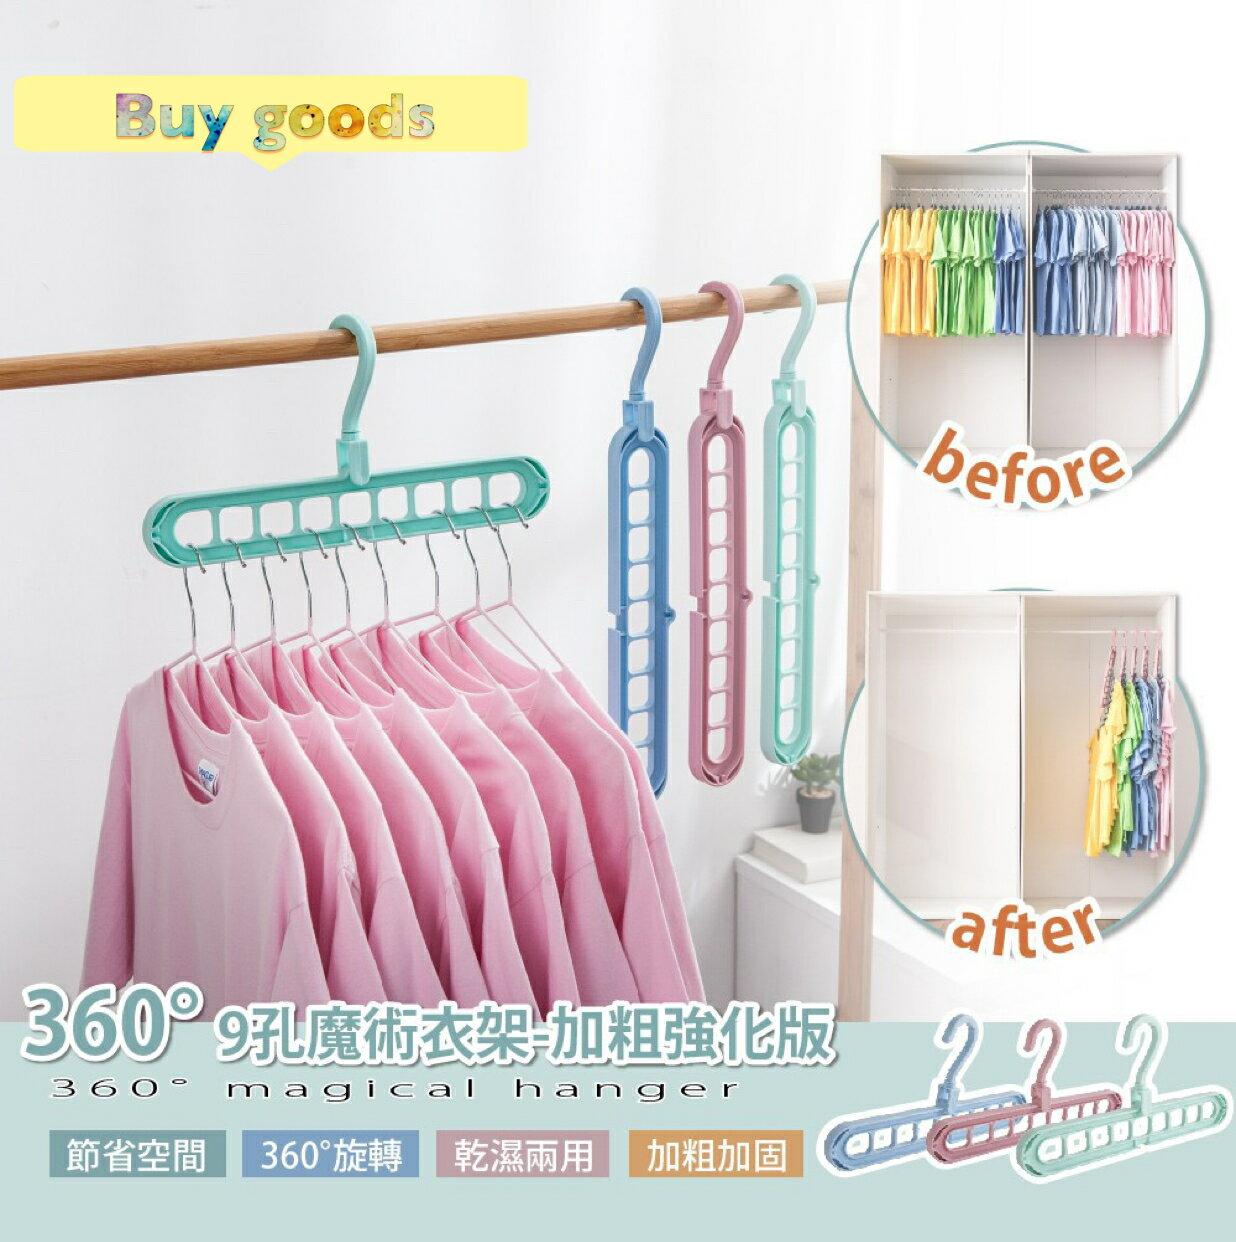 買好物 Buy Goods 〈促銷〉9孔魔術衣架 衣櫃收納 掛衣架 360度旋轉架-加粗強化版